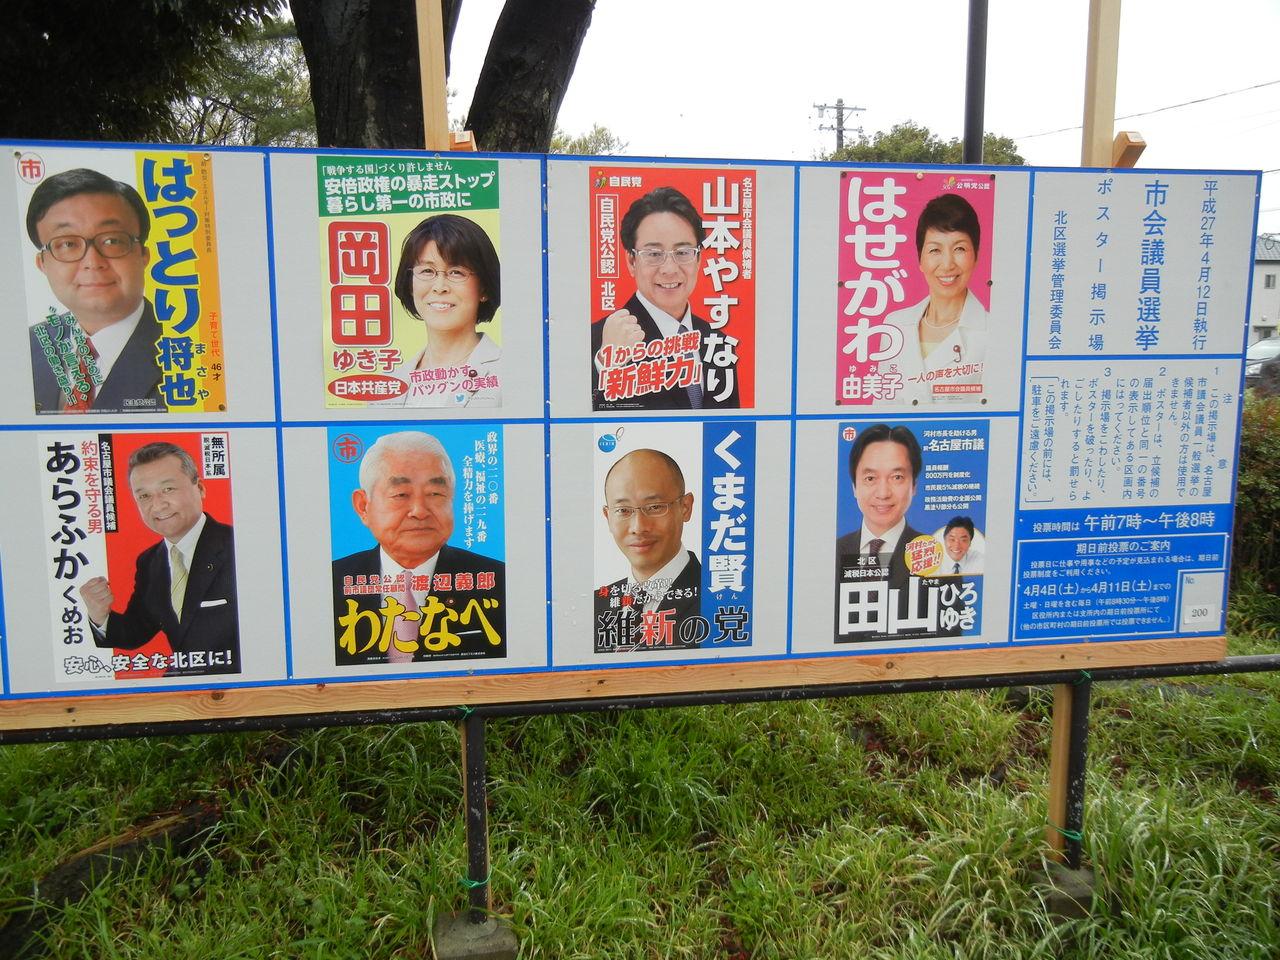 夢道場」:統一地方選挙